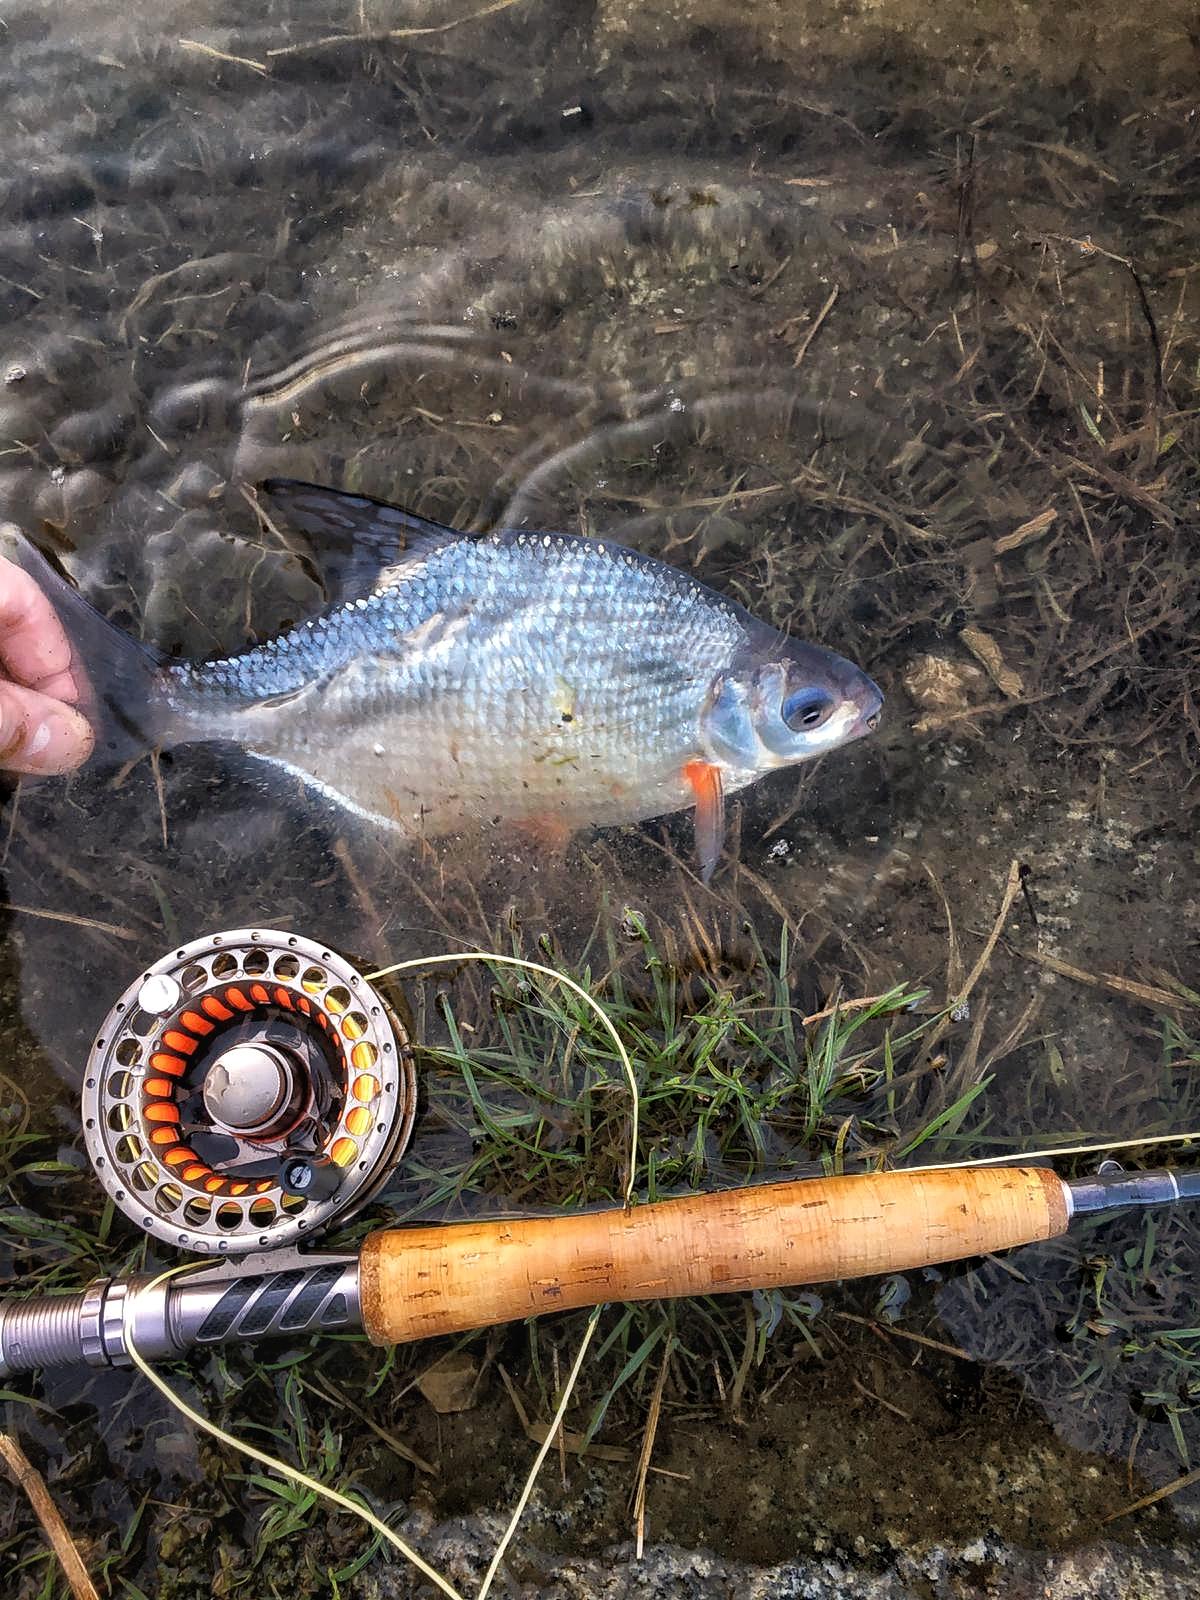 571476d4ce30 Jaro nám začíná zářit všemi svými barvami a pstruhová sezóna je už opravdu  za dveřmi. Pro říční lov bílé ryby nám ve všech tocích po letošní vydatné  zimě ...